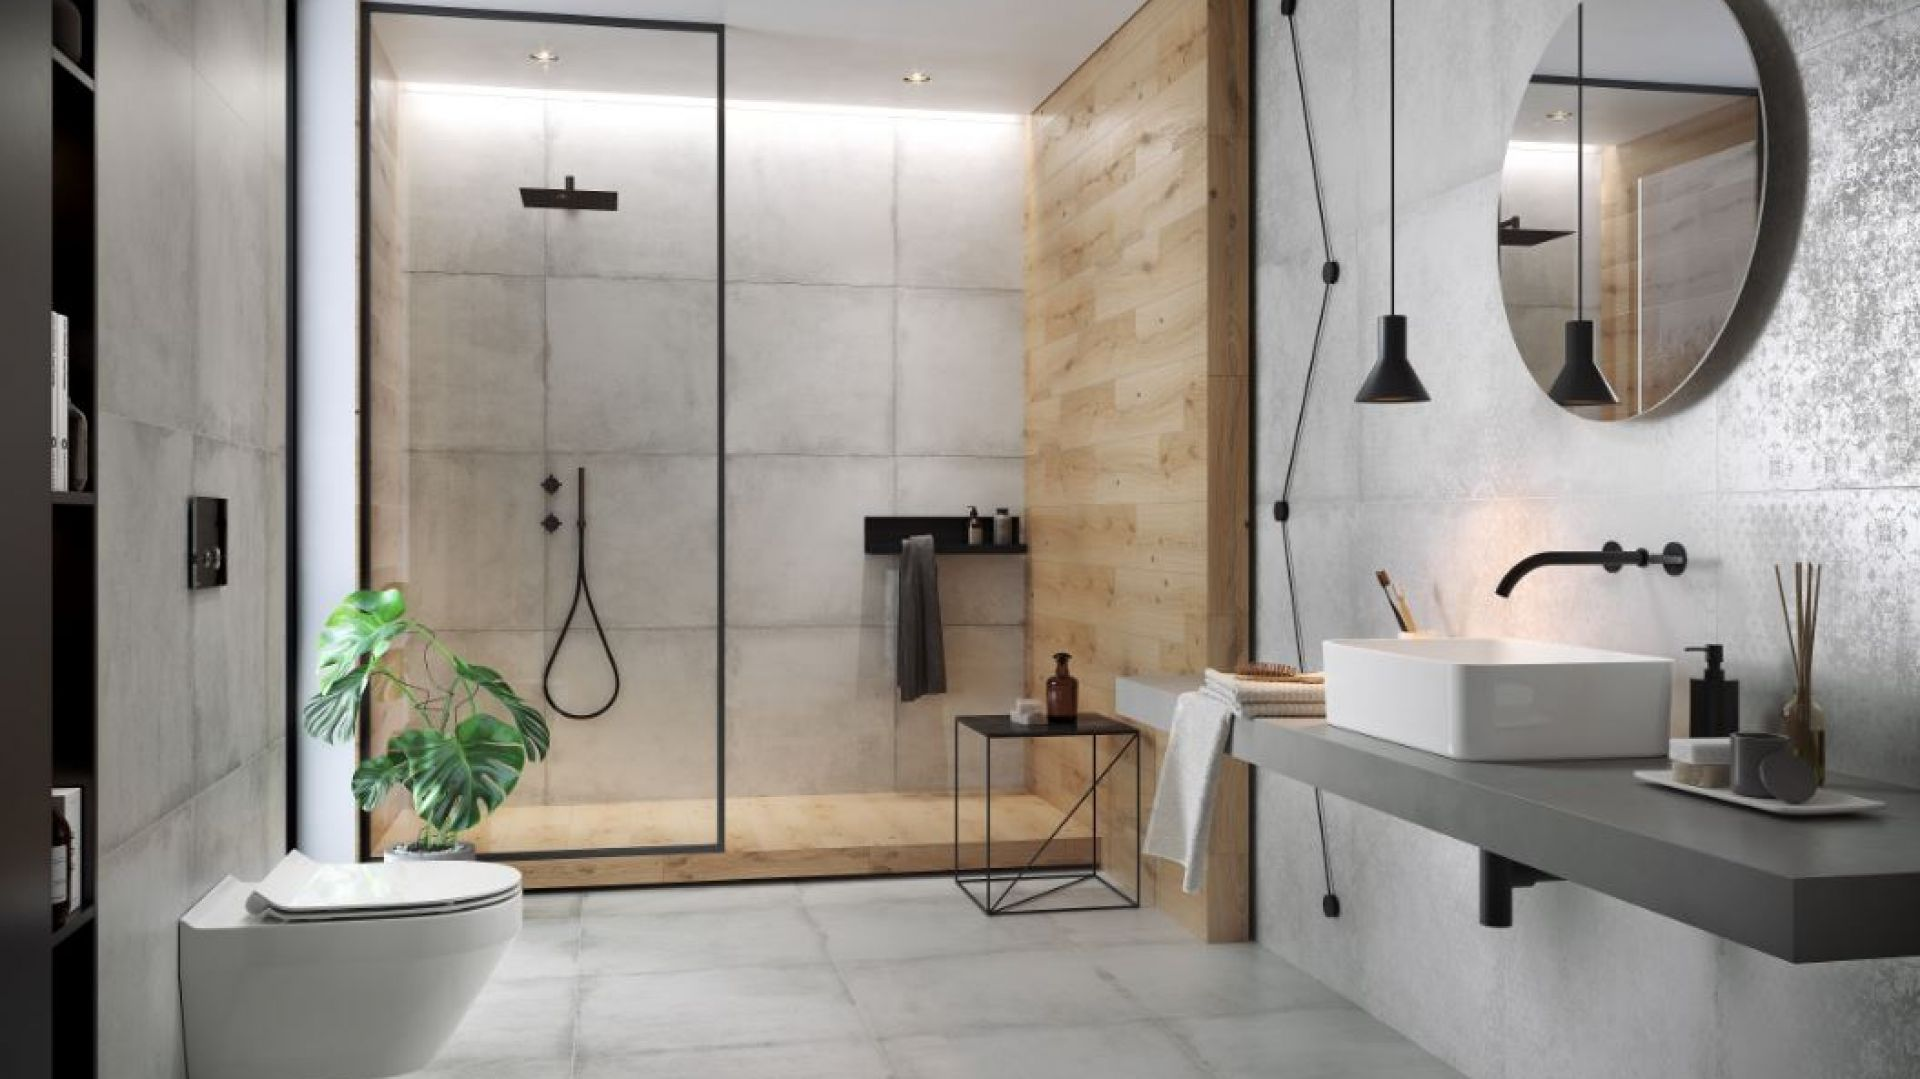 Kolekcja Stormy to przede wszystkim płytki gresowe imitujące surowy beton, który jest obecnie jednym z najmodniejszych materiałów używanych w aranżacji wnętrz. Dostępne w ofercie firmy Cersanit. Cena: 104,99 zł/m2 (59,3x59,3 cm). Fot. Cersanit